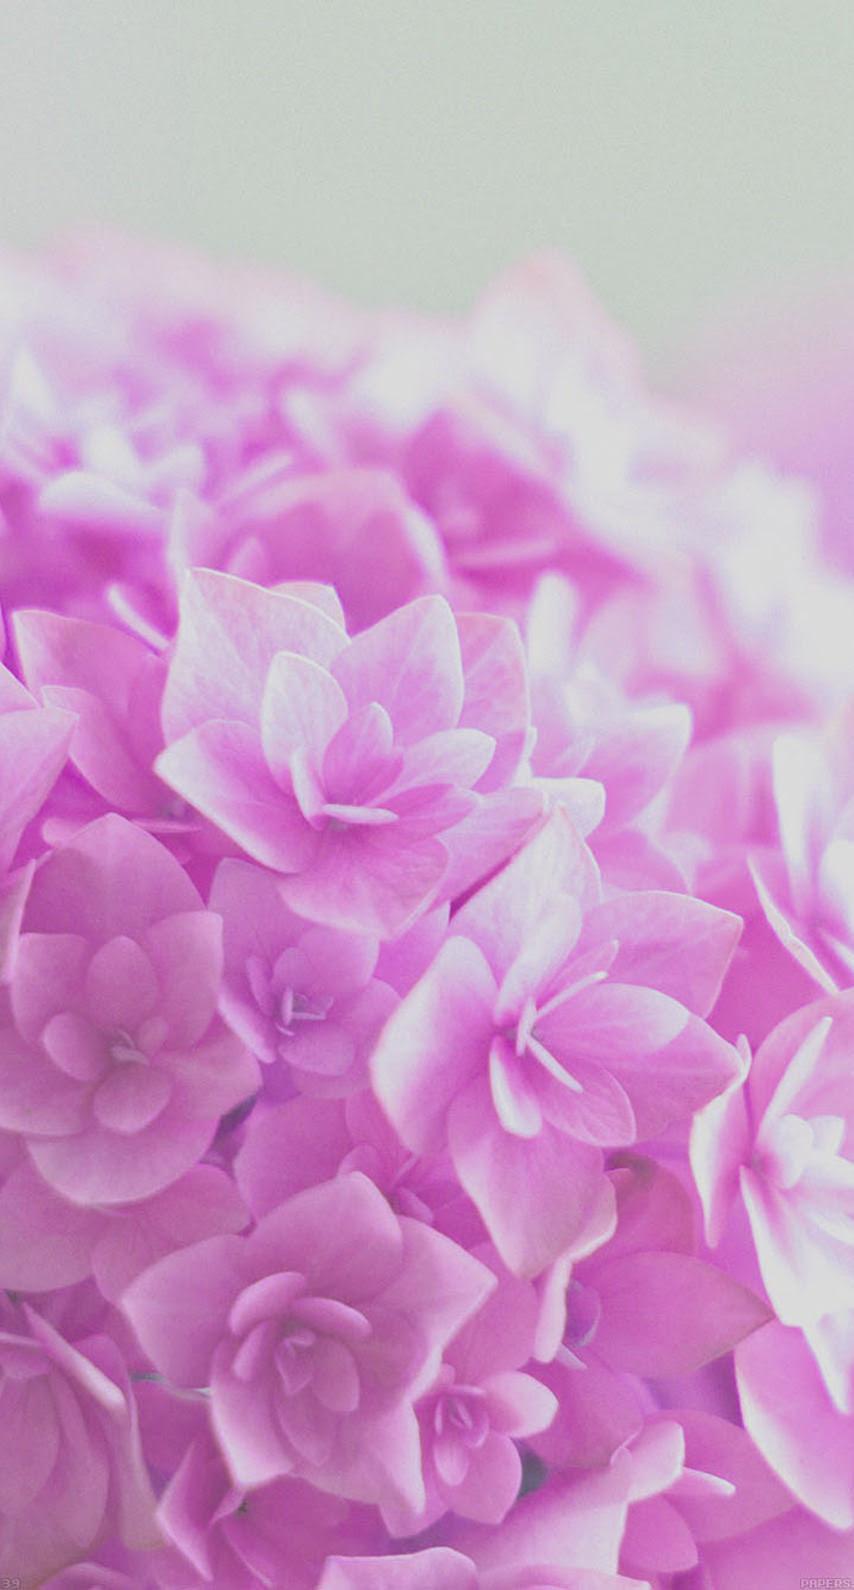 ピンク色の花 めちゃ人気 Iphone壁紙dj